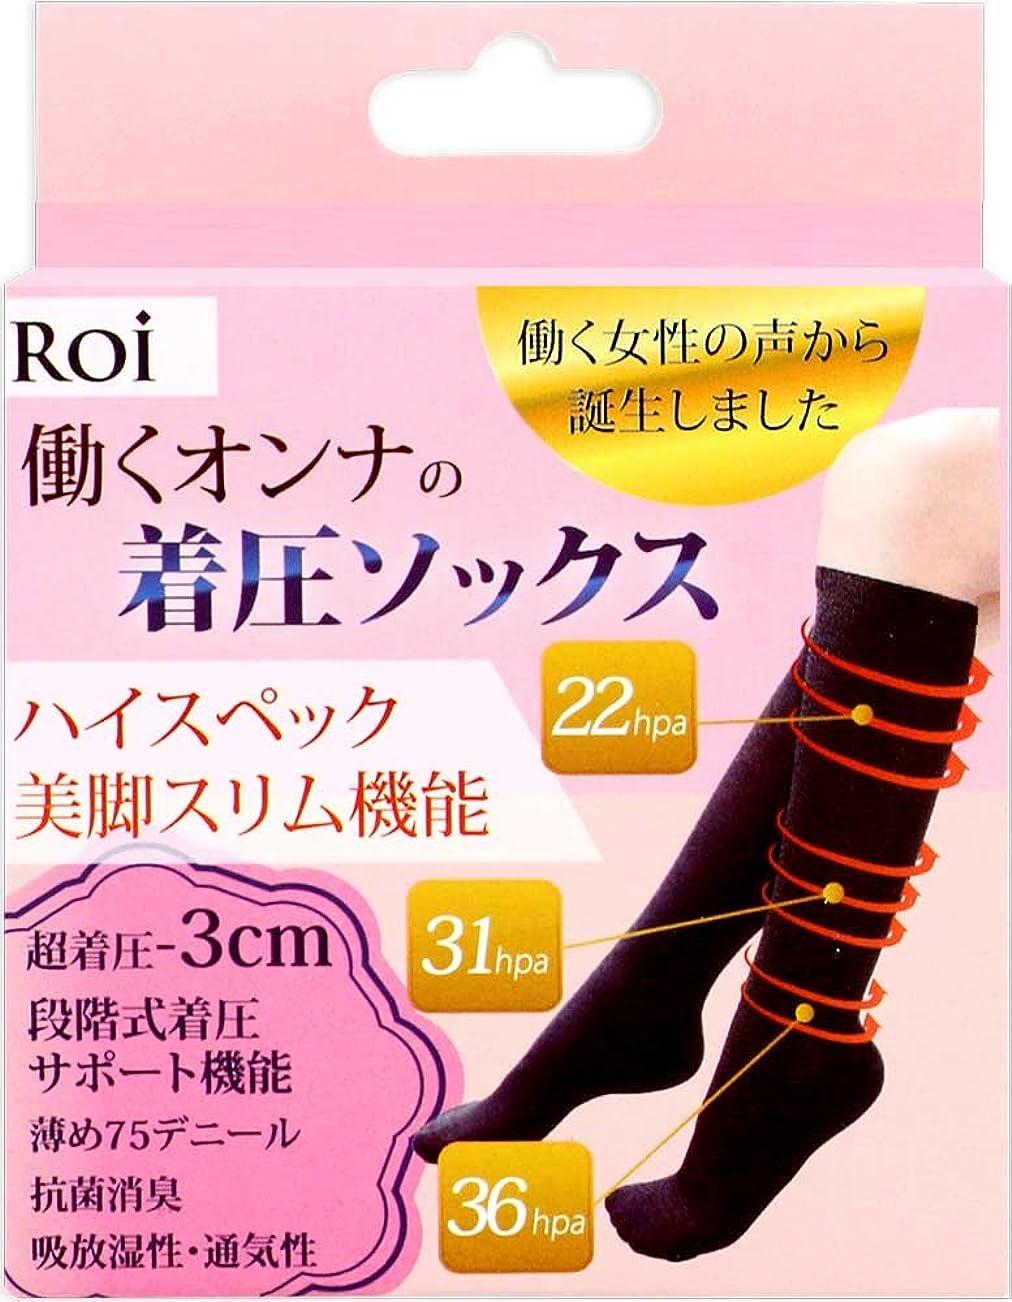 調整可能合法彫刻家(ロイ)Roi 『働く女の 着圧ソックス 』強着圧-3cm ソックス 段階式着圧サポート機能 靴下 (L~LL[23.5~25cm])